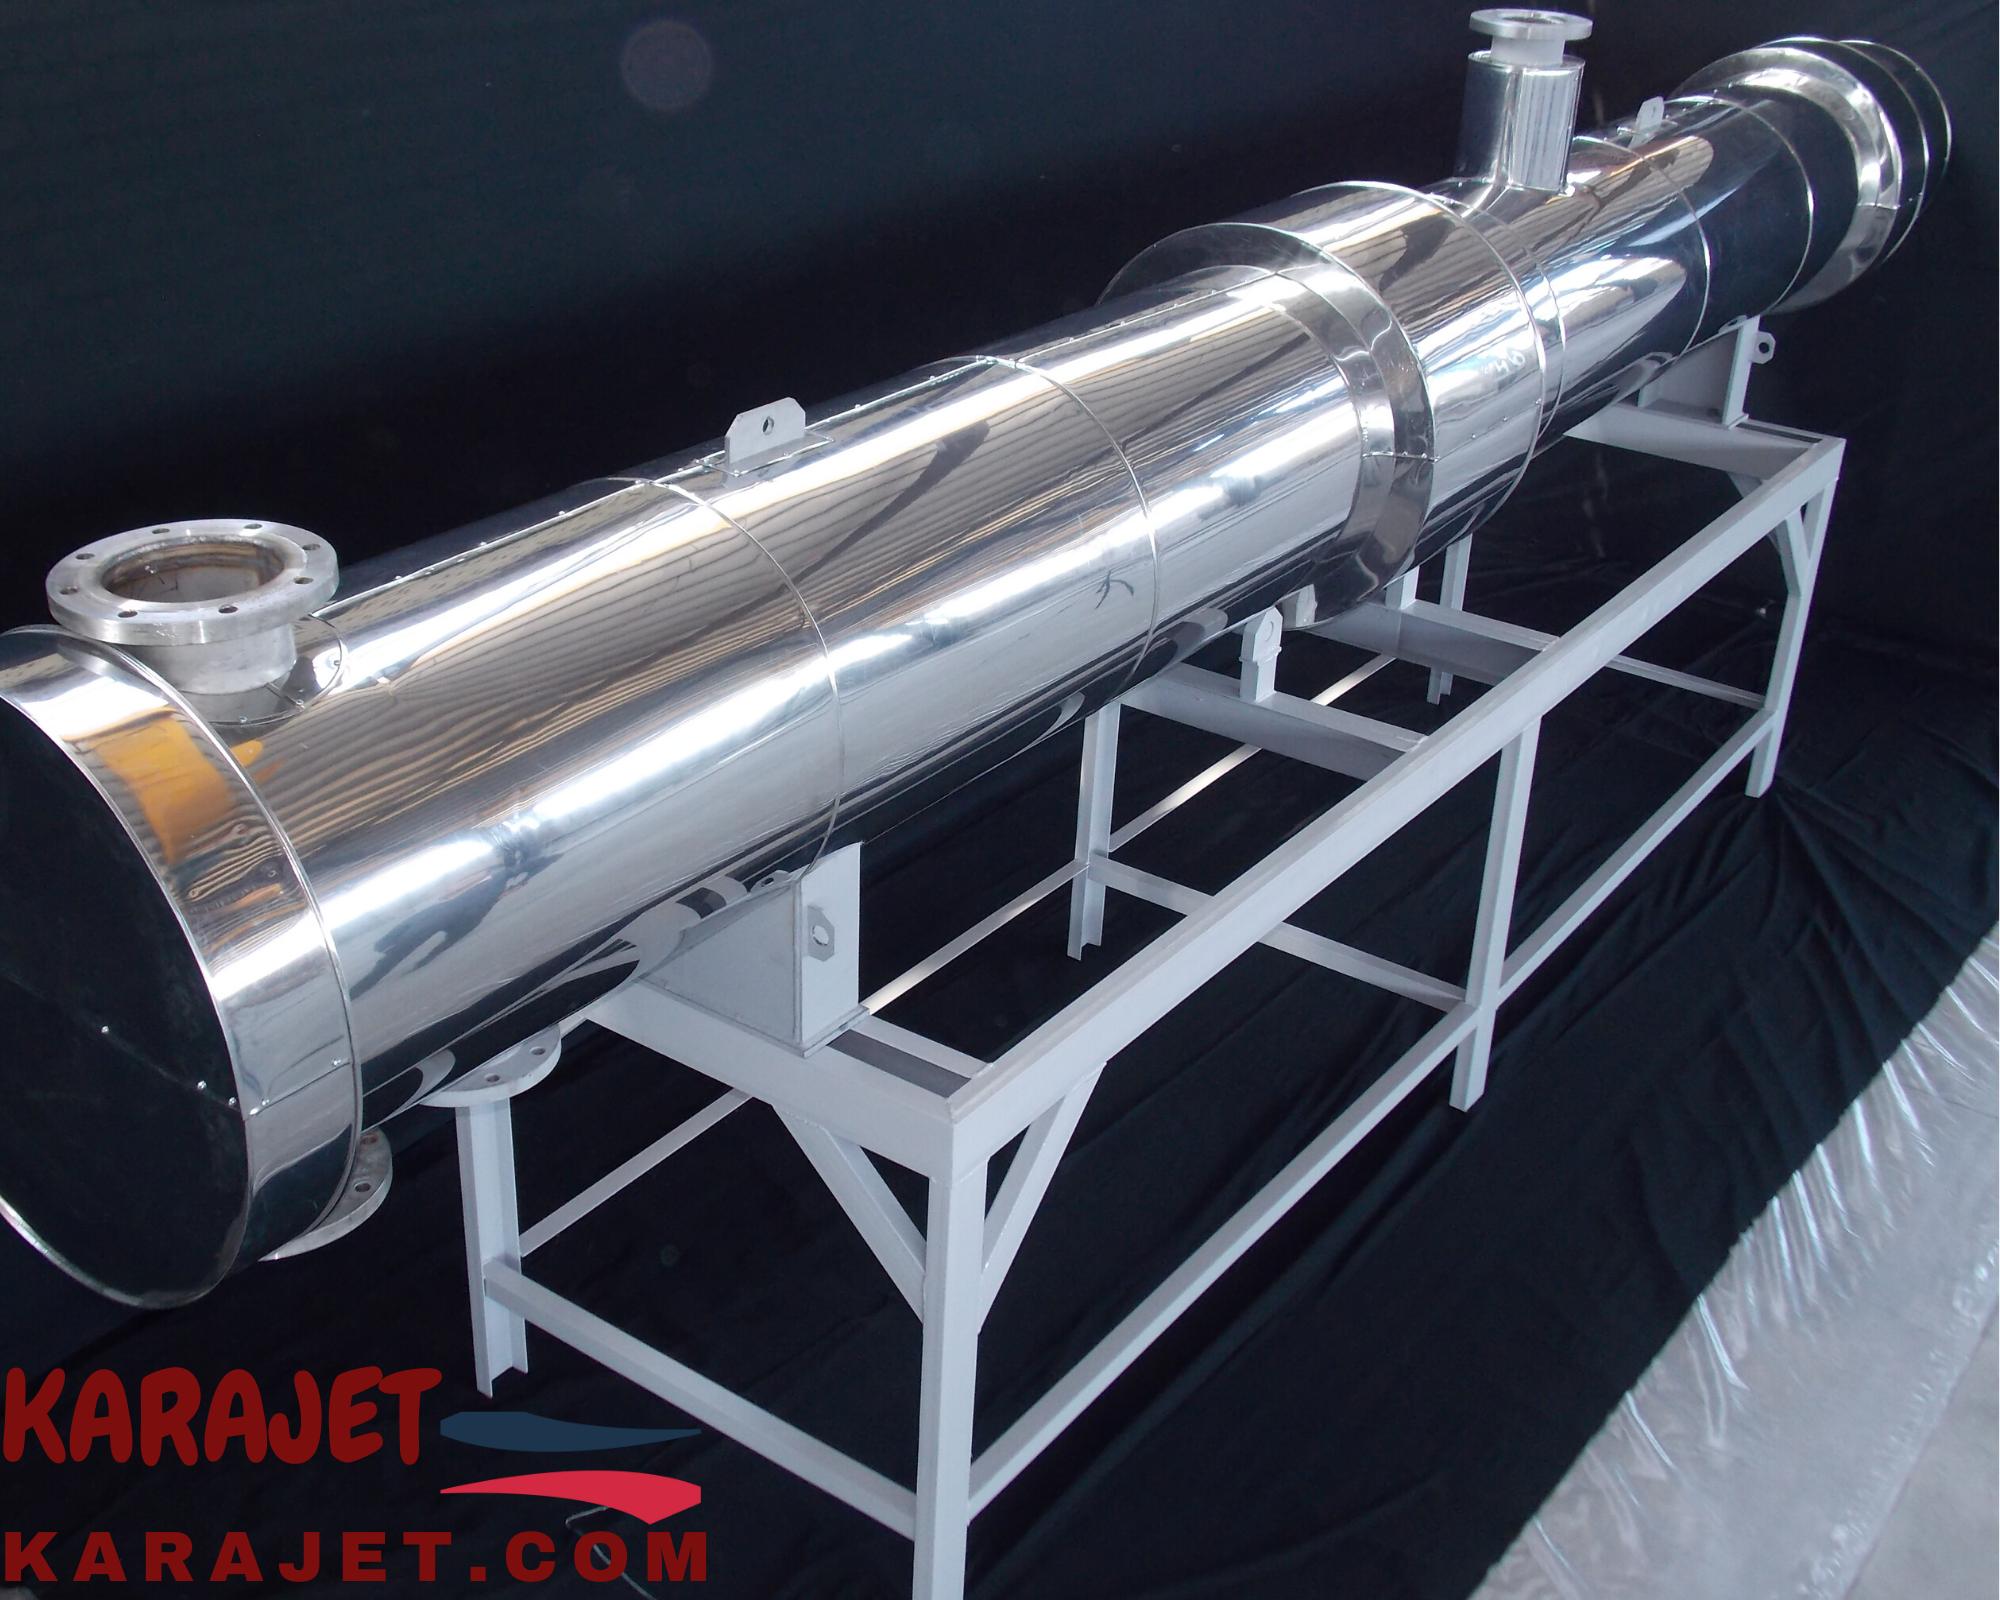 مبدل حرارتی- سفارش و خرید مبدل حرارتی- شرکت کاراجت